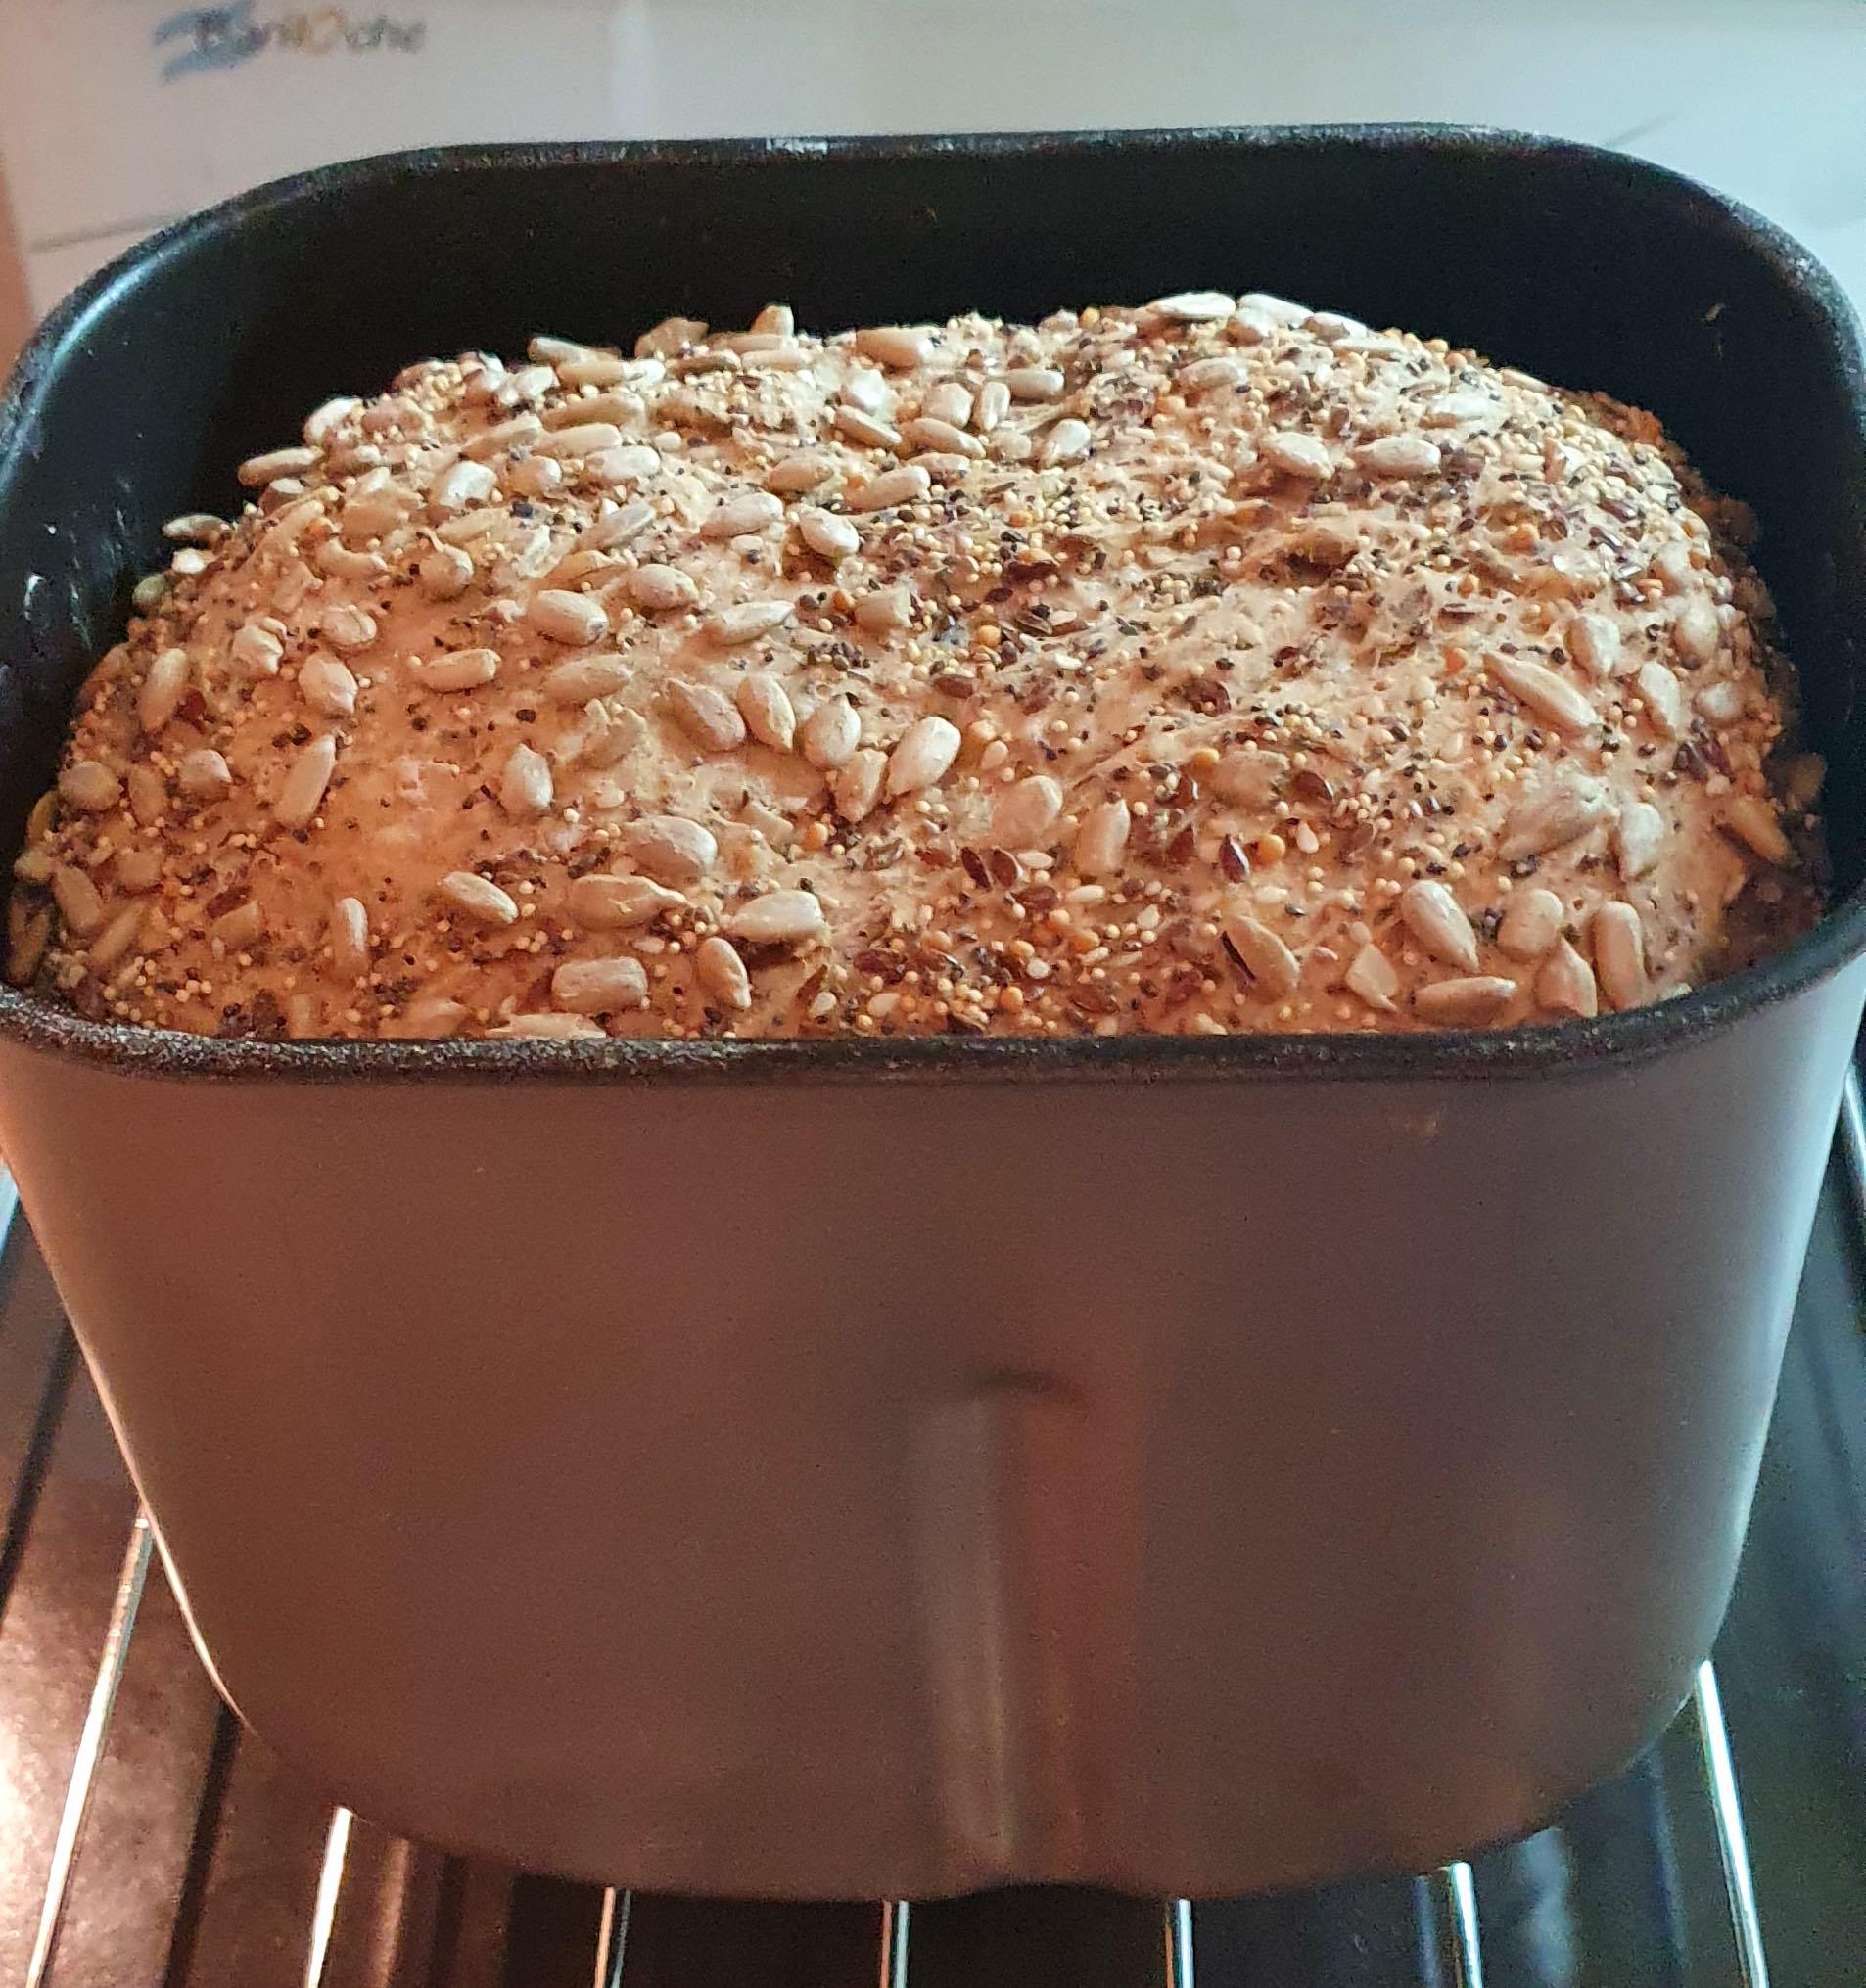 Pan multicereal semillado hecho en el horno de pan Atma